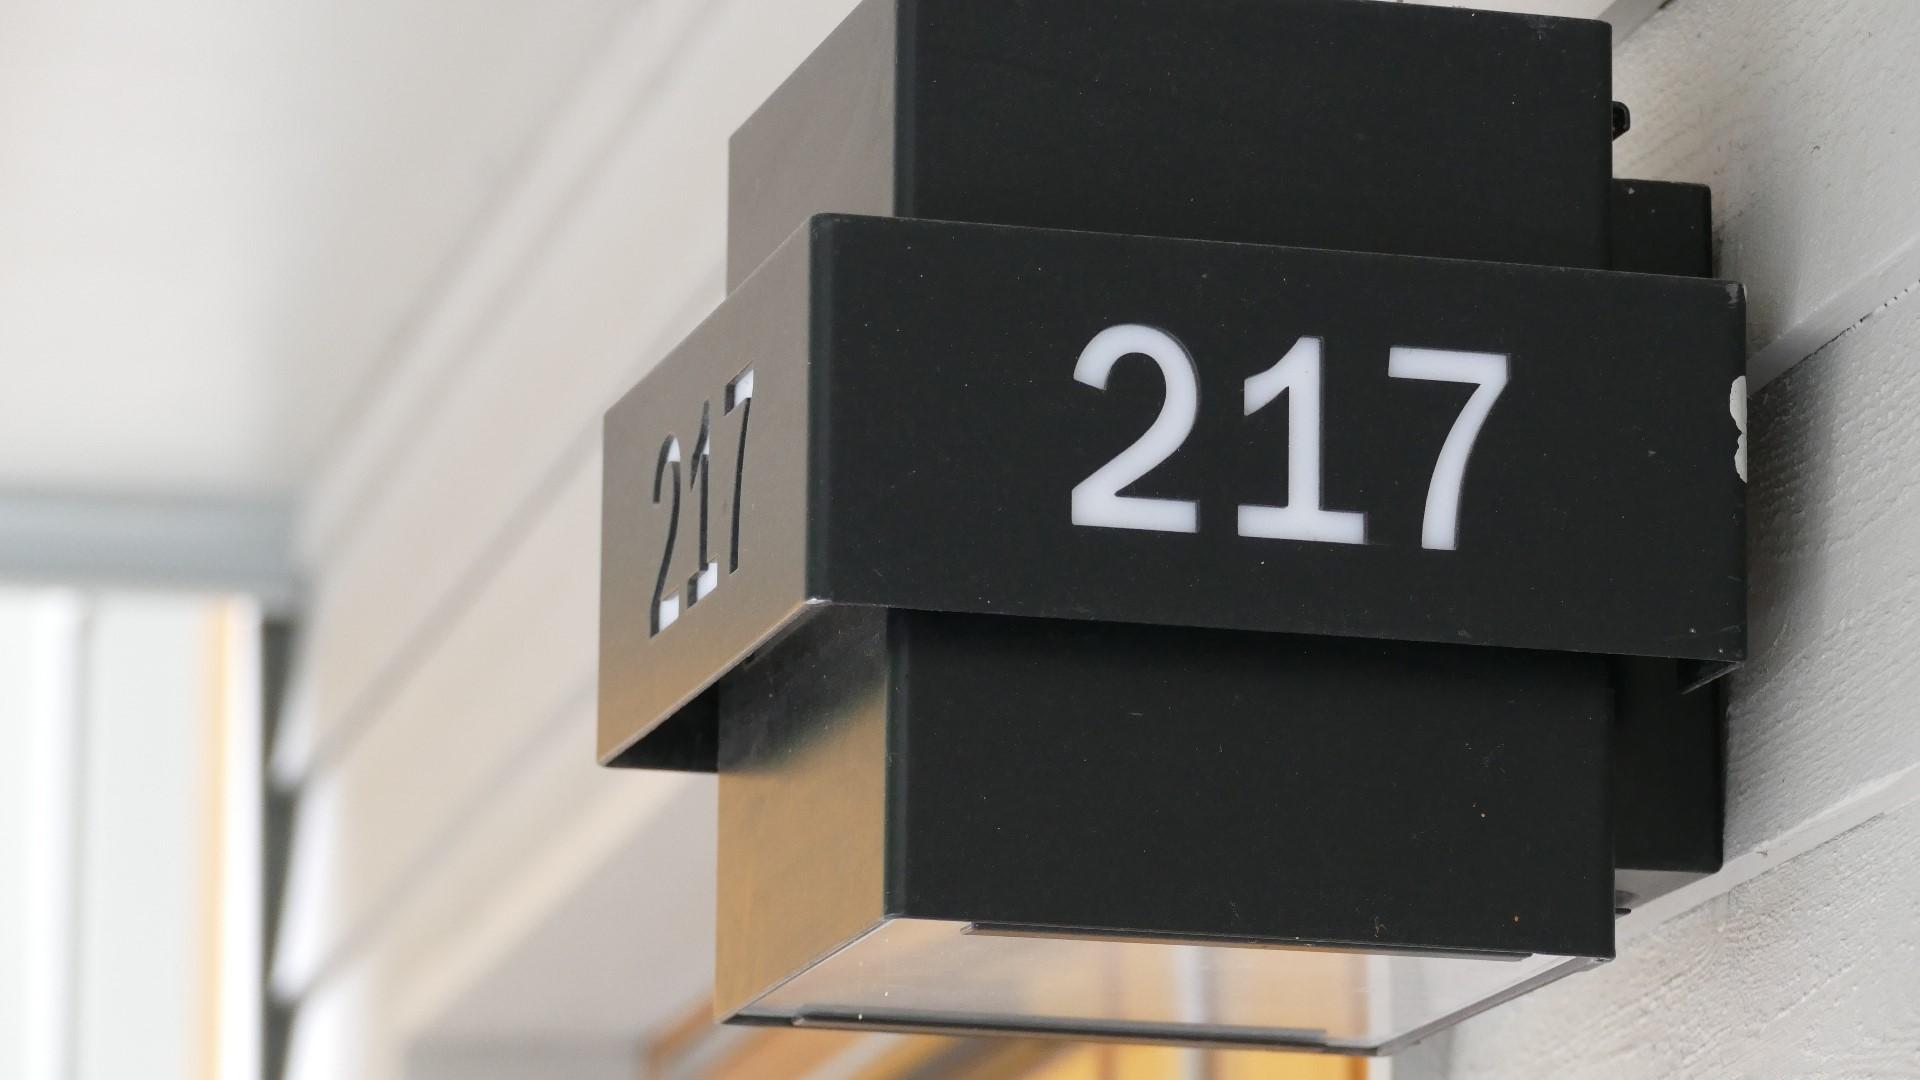 Beckombergavägen 217-34